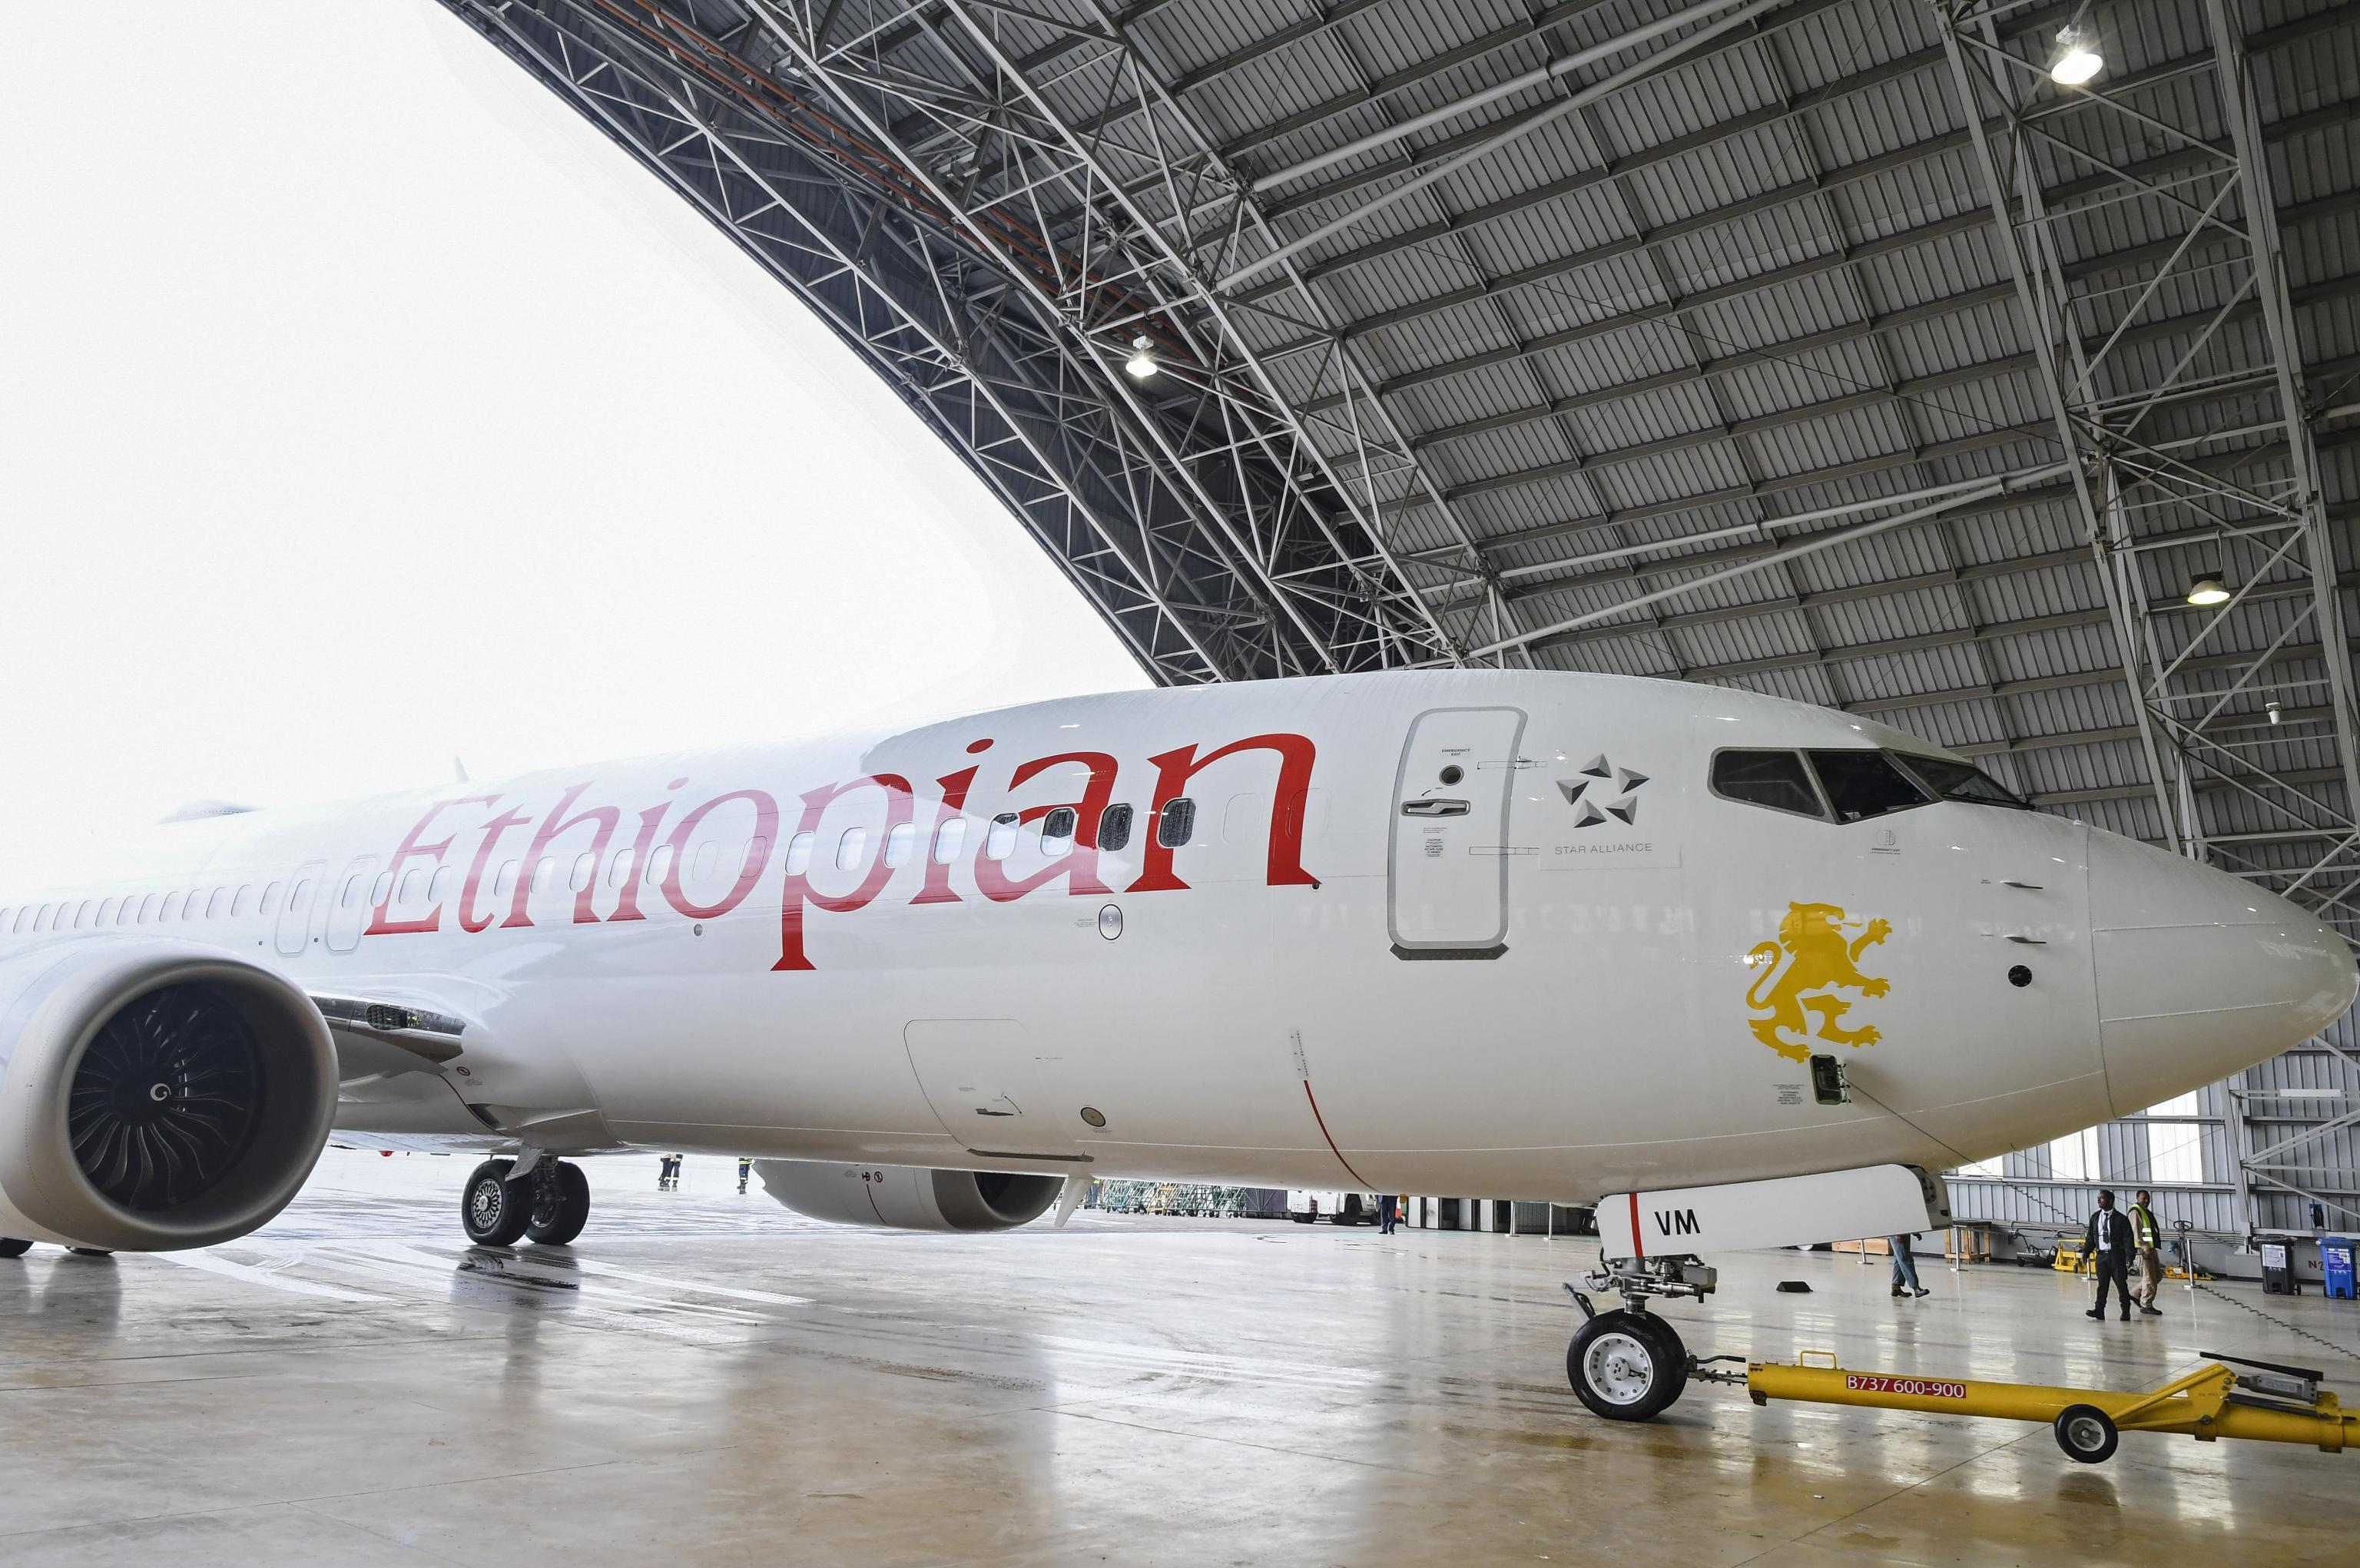 Aereo Precipitato In Etiopia Boeing Aggiornera Il Software Anti Stallo Del 737 Max 8 Gazzetta Del Sud